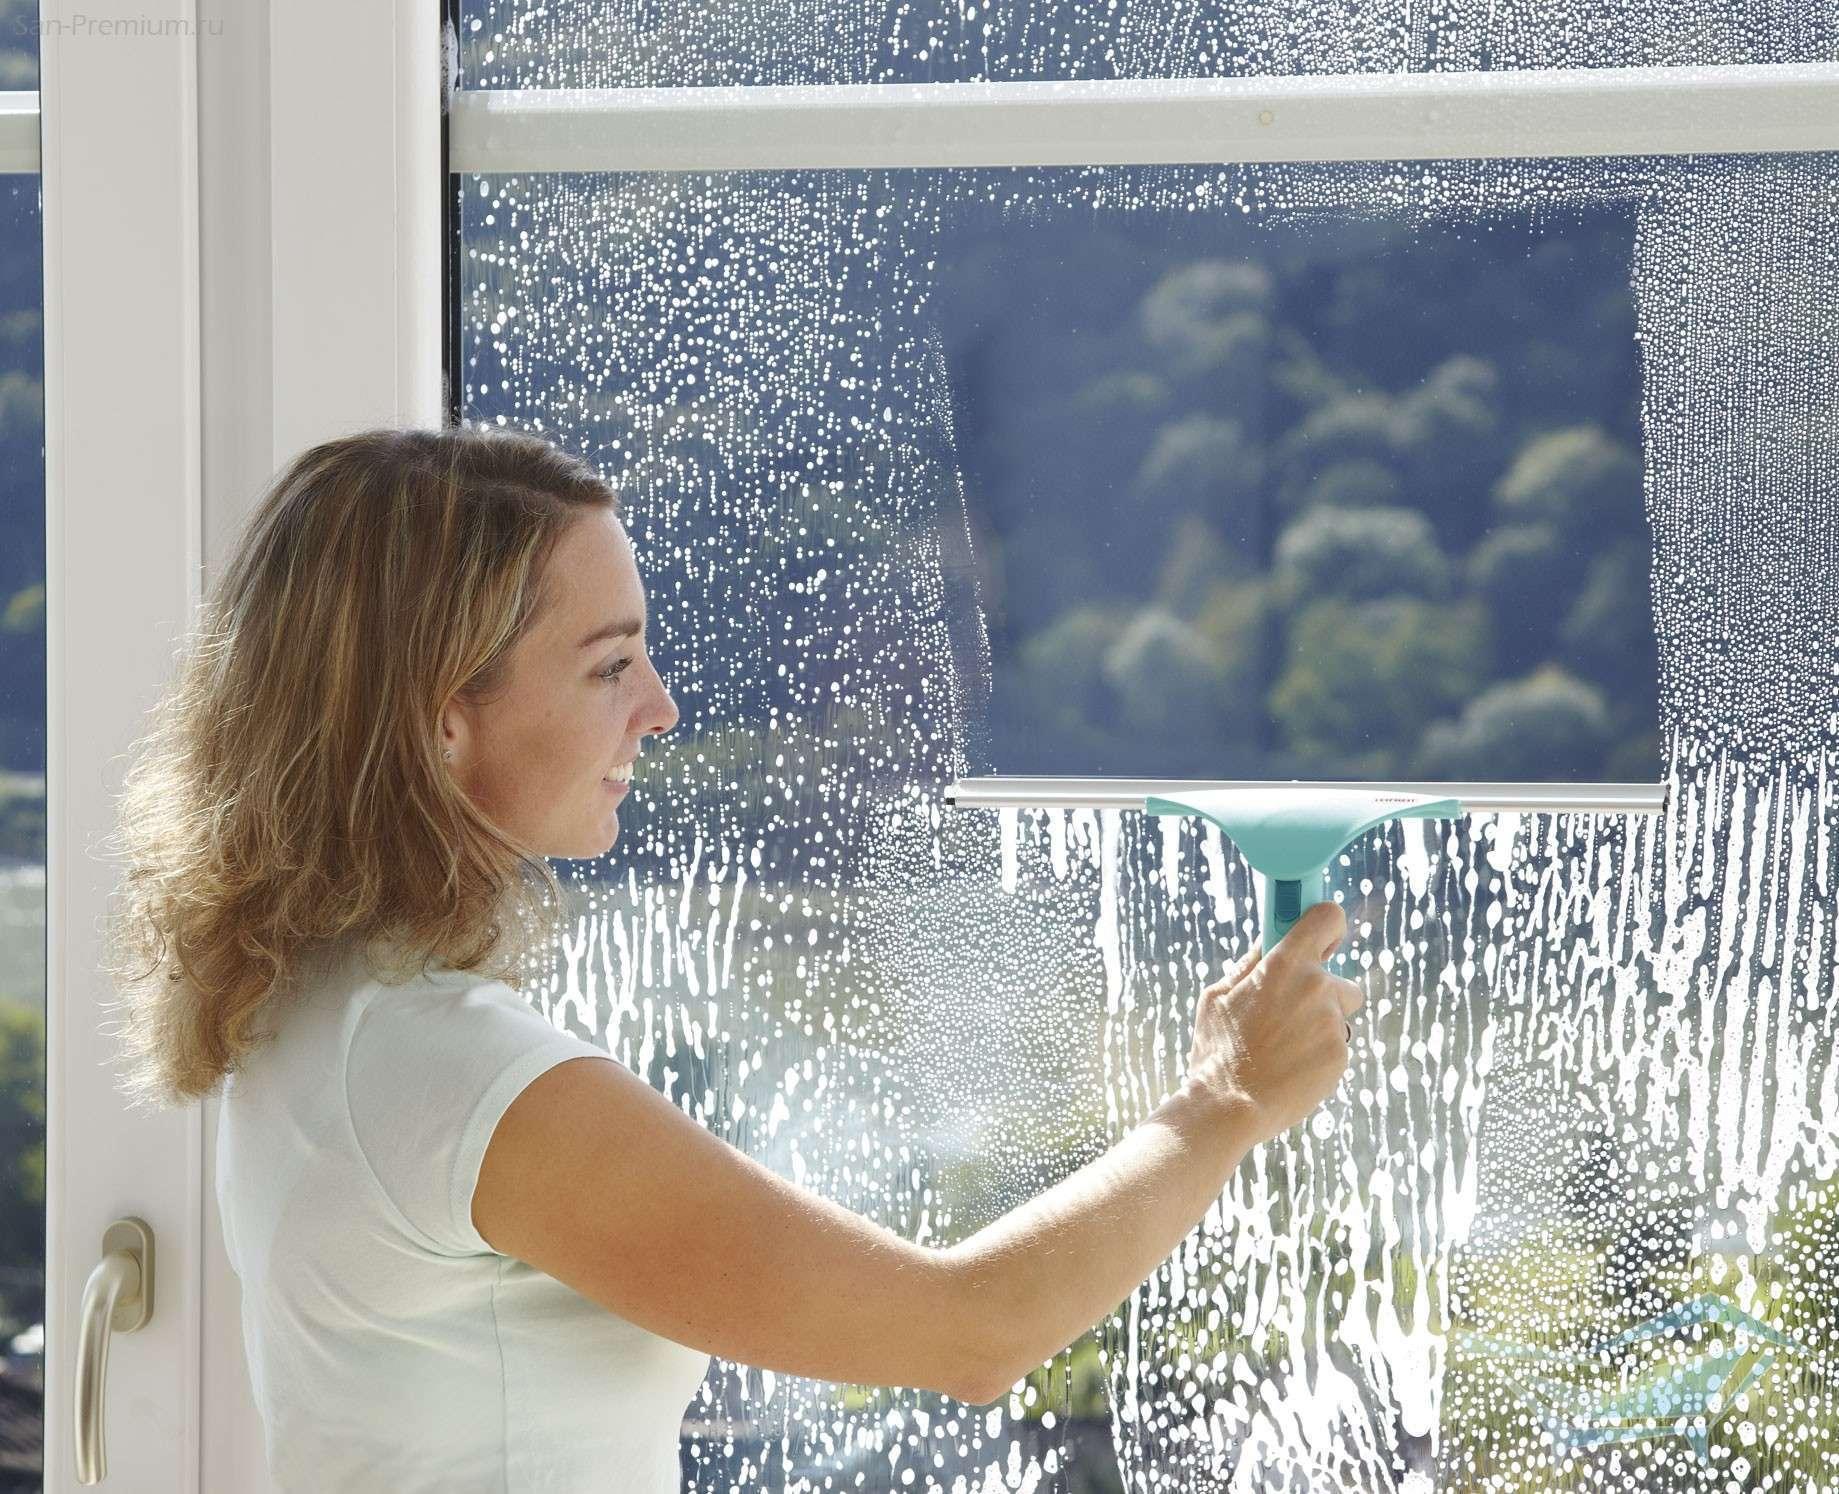 Чистые стекла и зеркала в доме — это легко